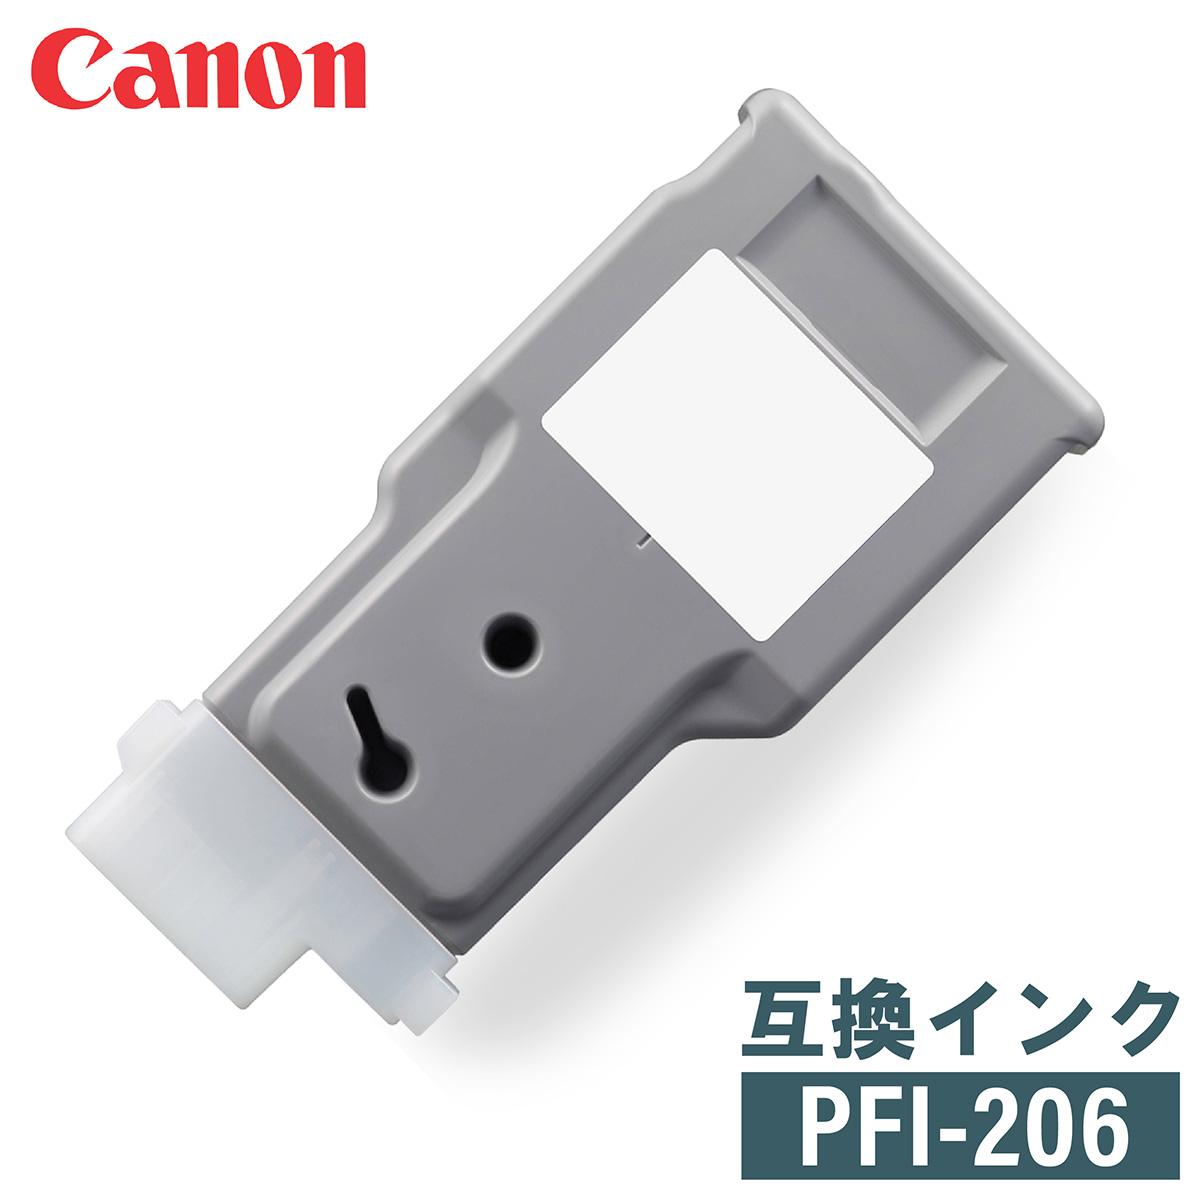 キヤノン 互換インク CANON PFI-206 300ml 【1本選択】